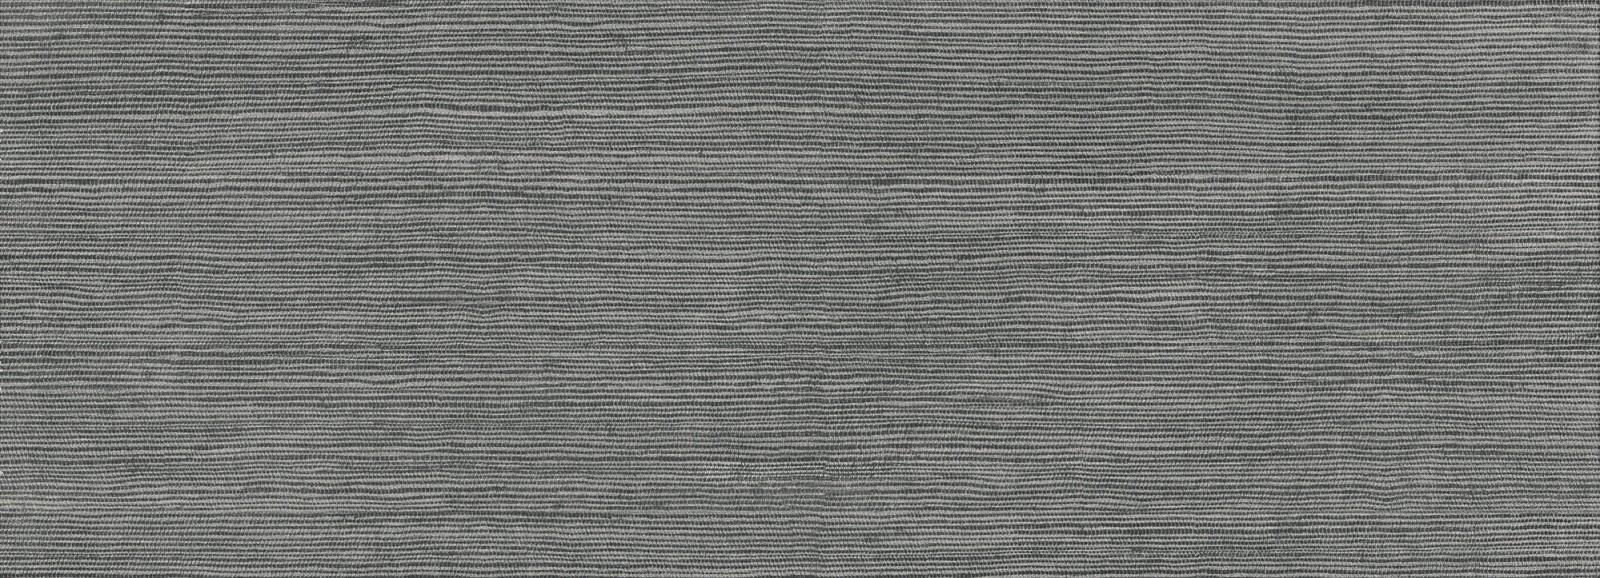 Керамическая Плитка Peronda Orient-G 33x91